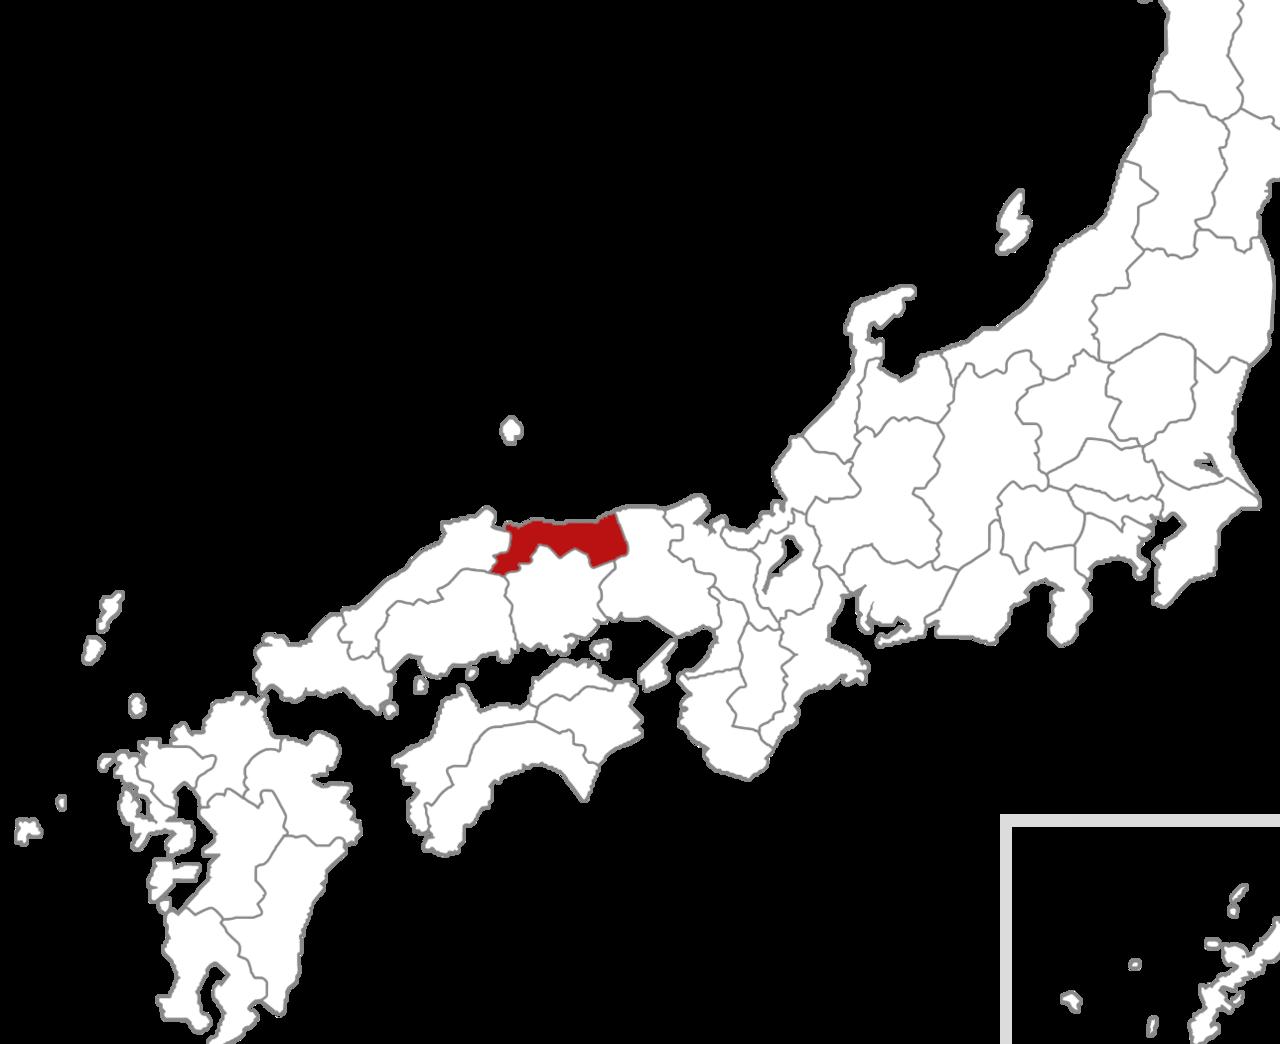 鳥取県のイラスト地図